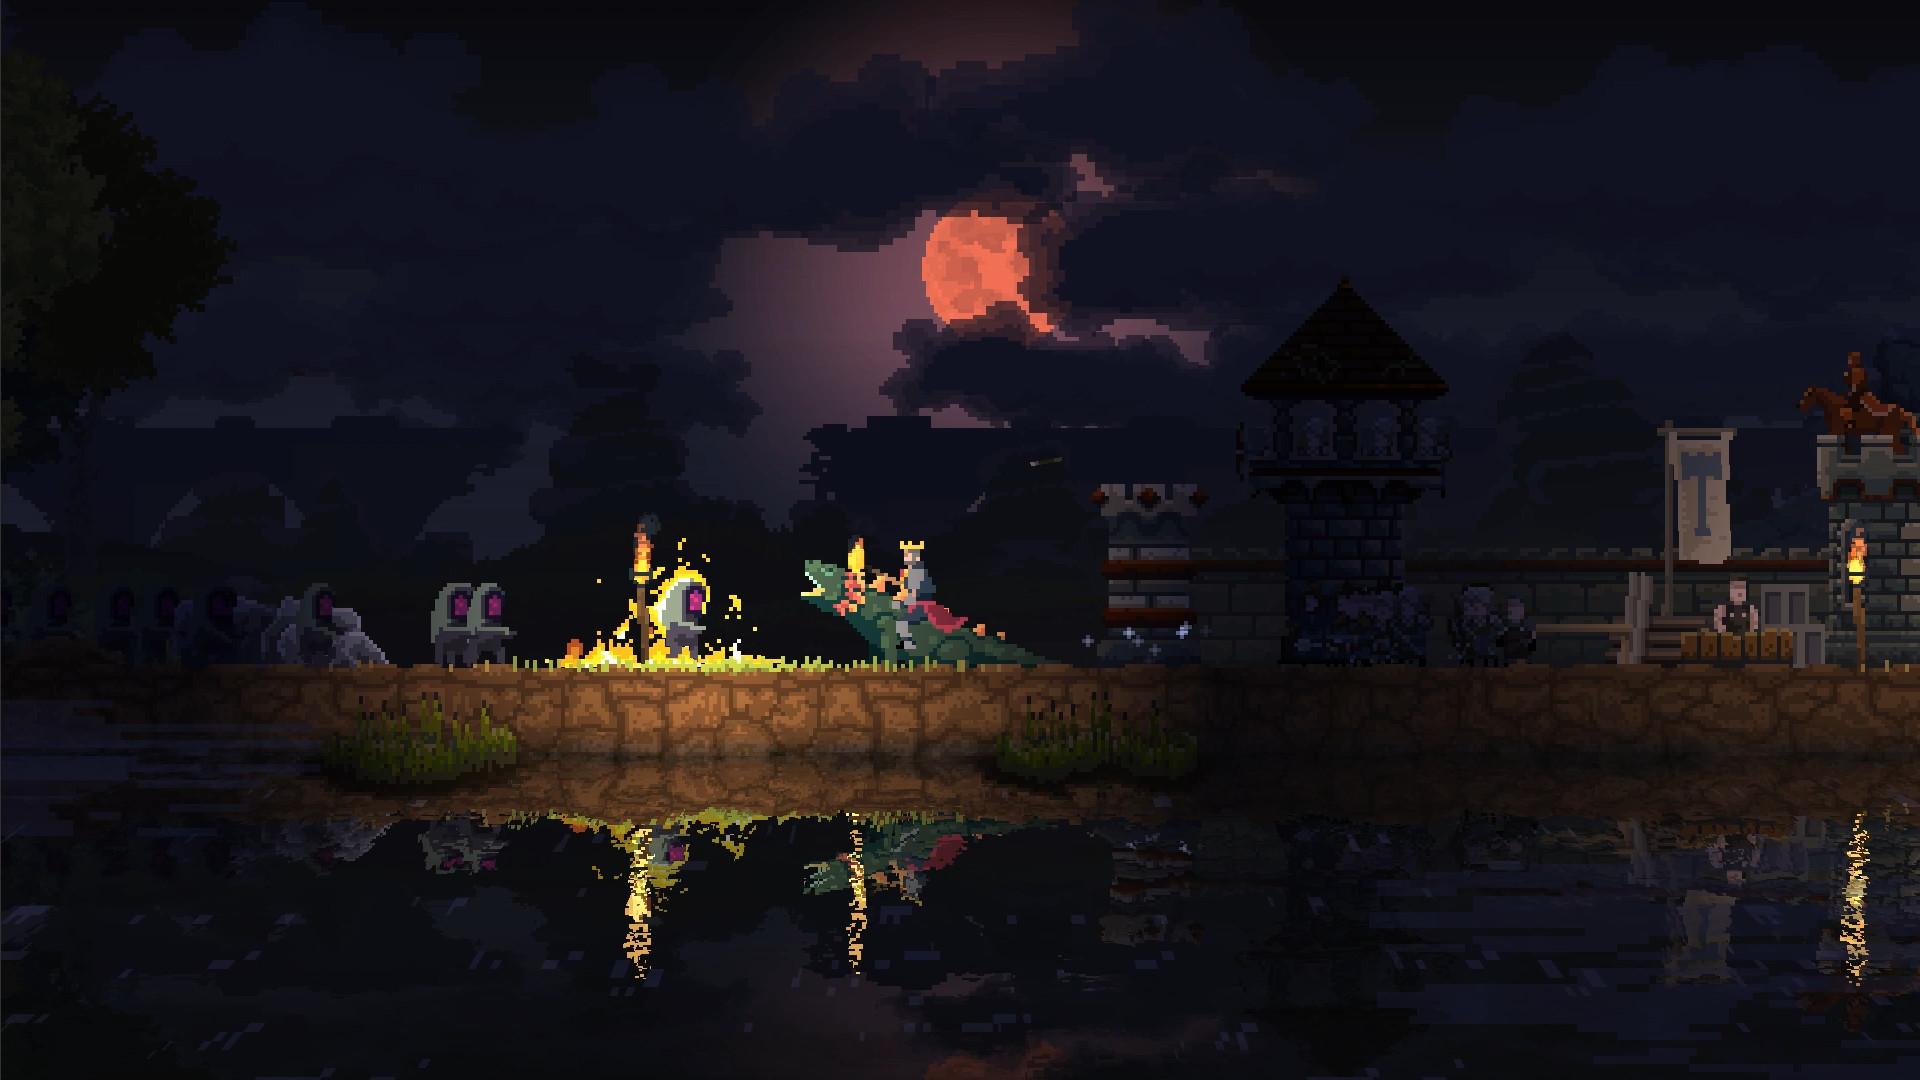 白手起家建立王国 《王国:两位君主》登陆Steam平台